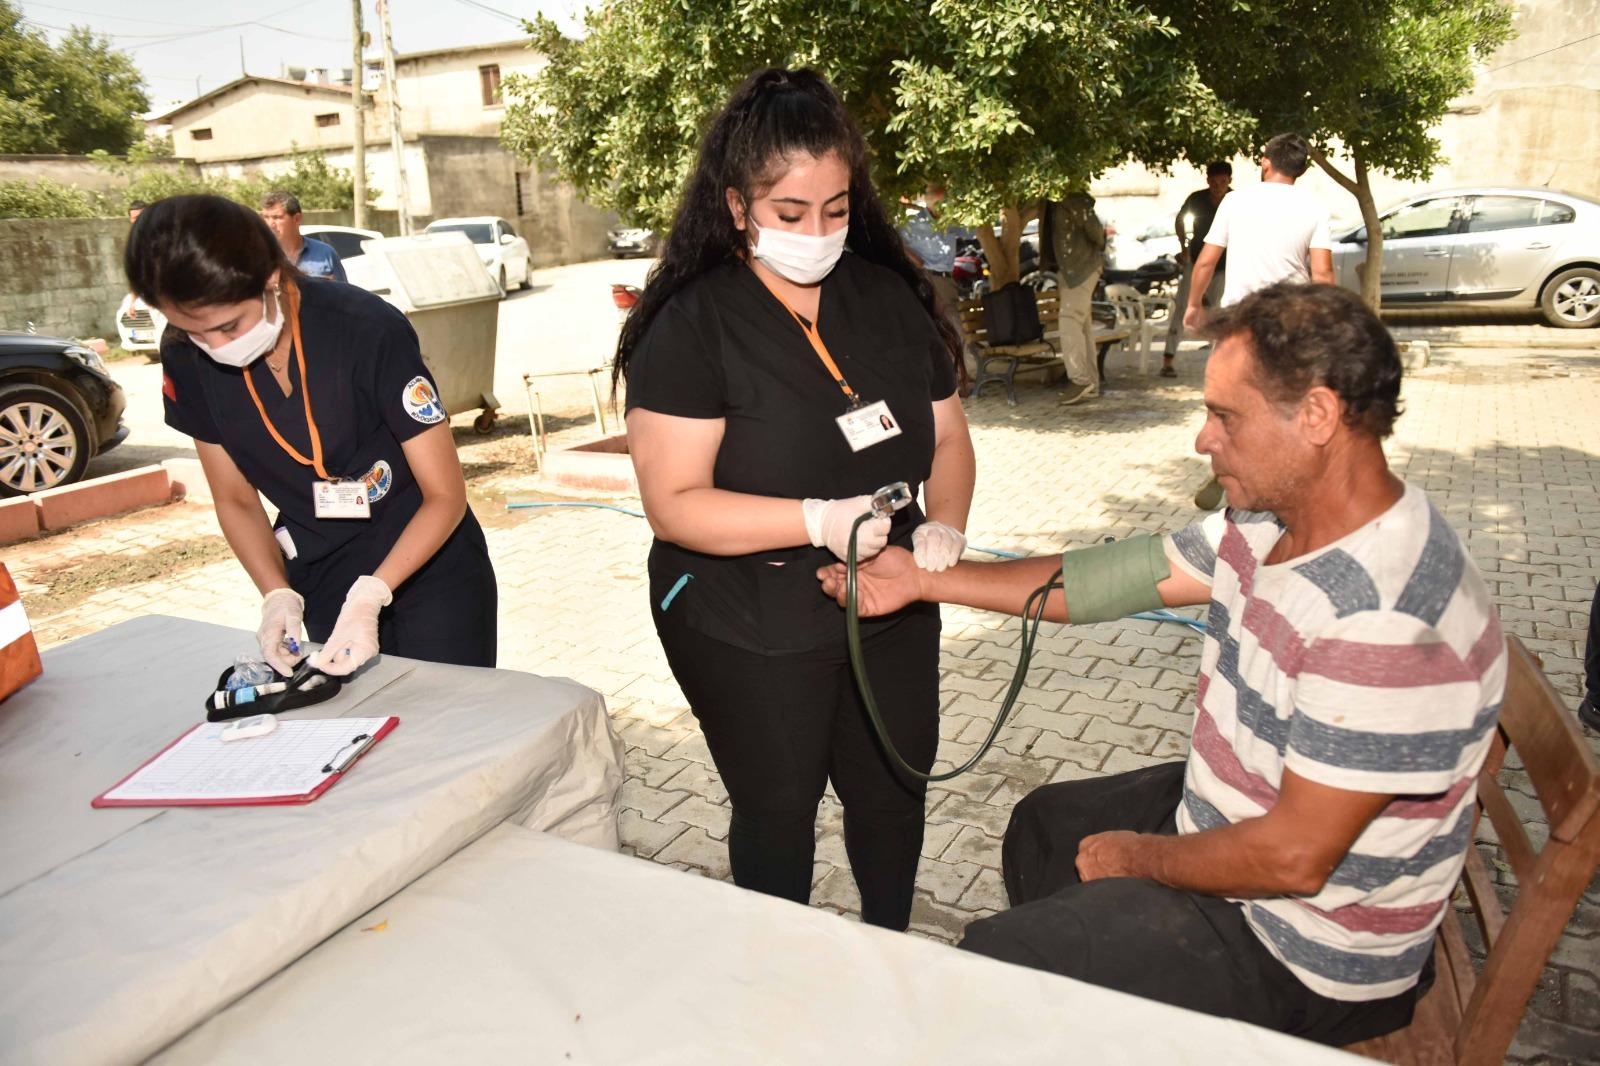 Adana'da 'Köyünüze Derman' projesi kapsamında hergün bir köy ziyaret ediliyor